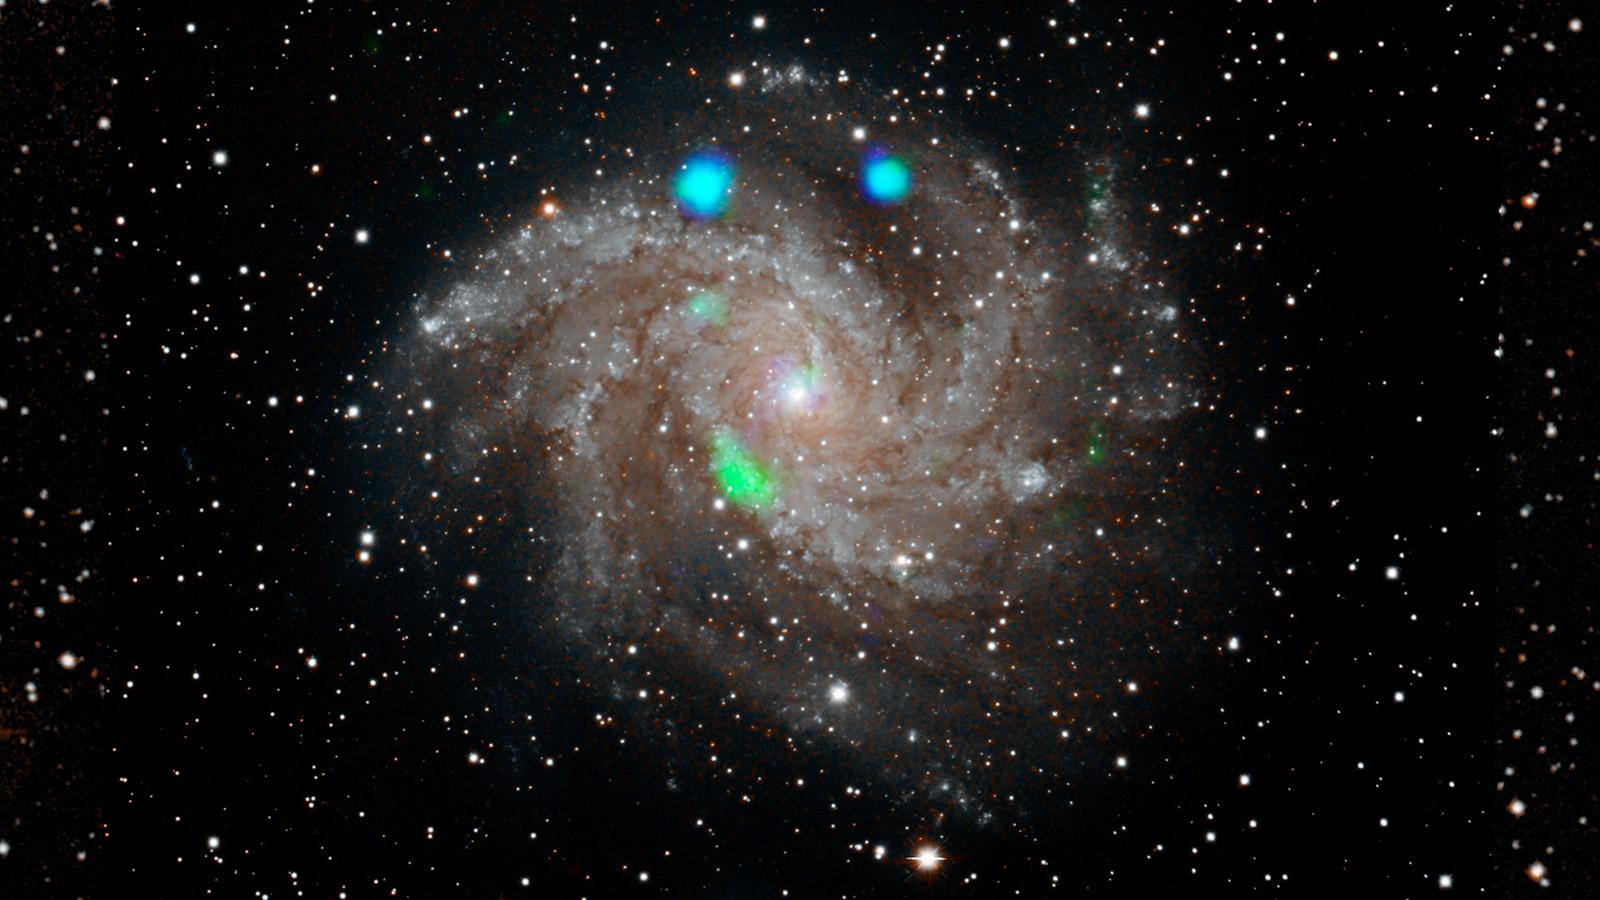 Spazio: un improvviso 'lampo verde' dalla galassia Fireworks